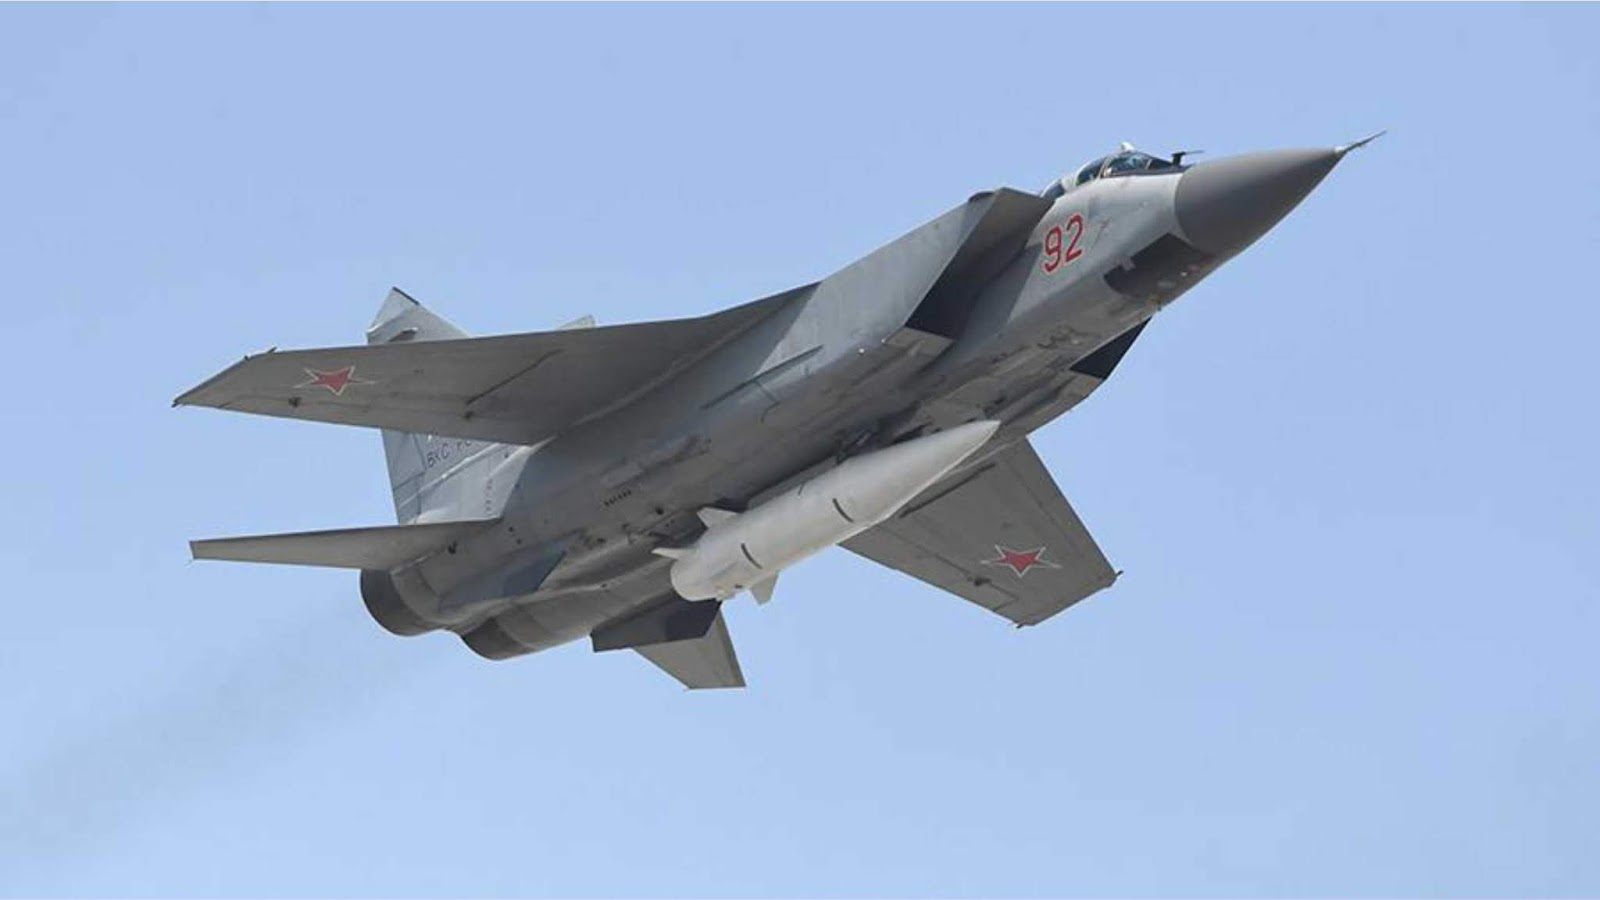 Divisi penerbangan terkuat baru telah muncul di Angkatan Udara Rusia